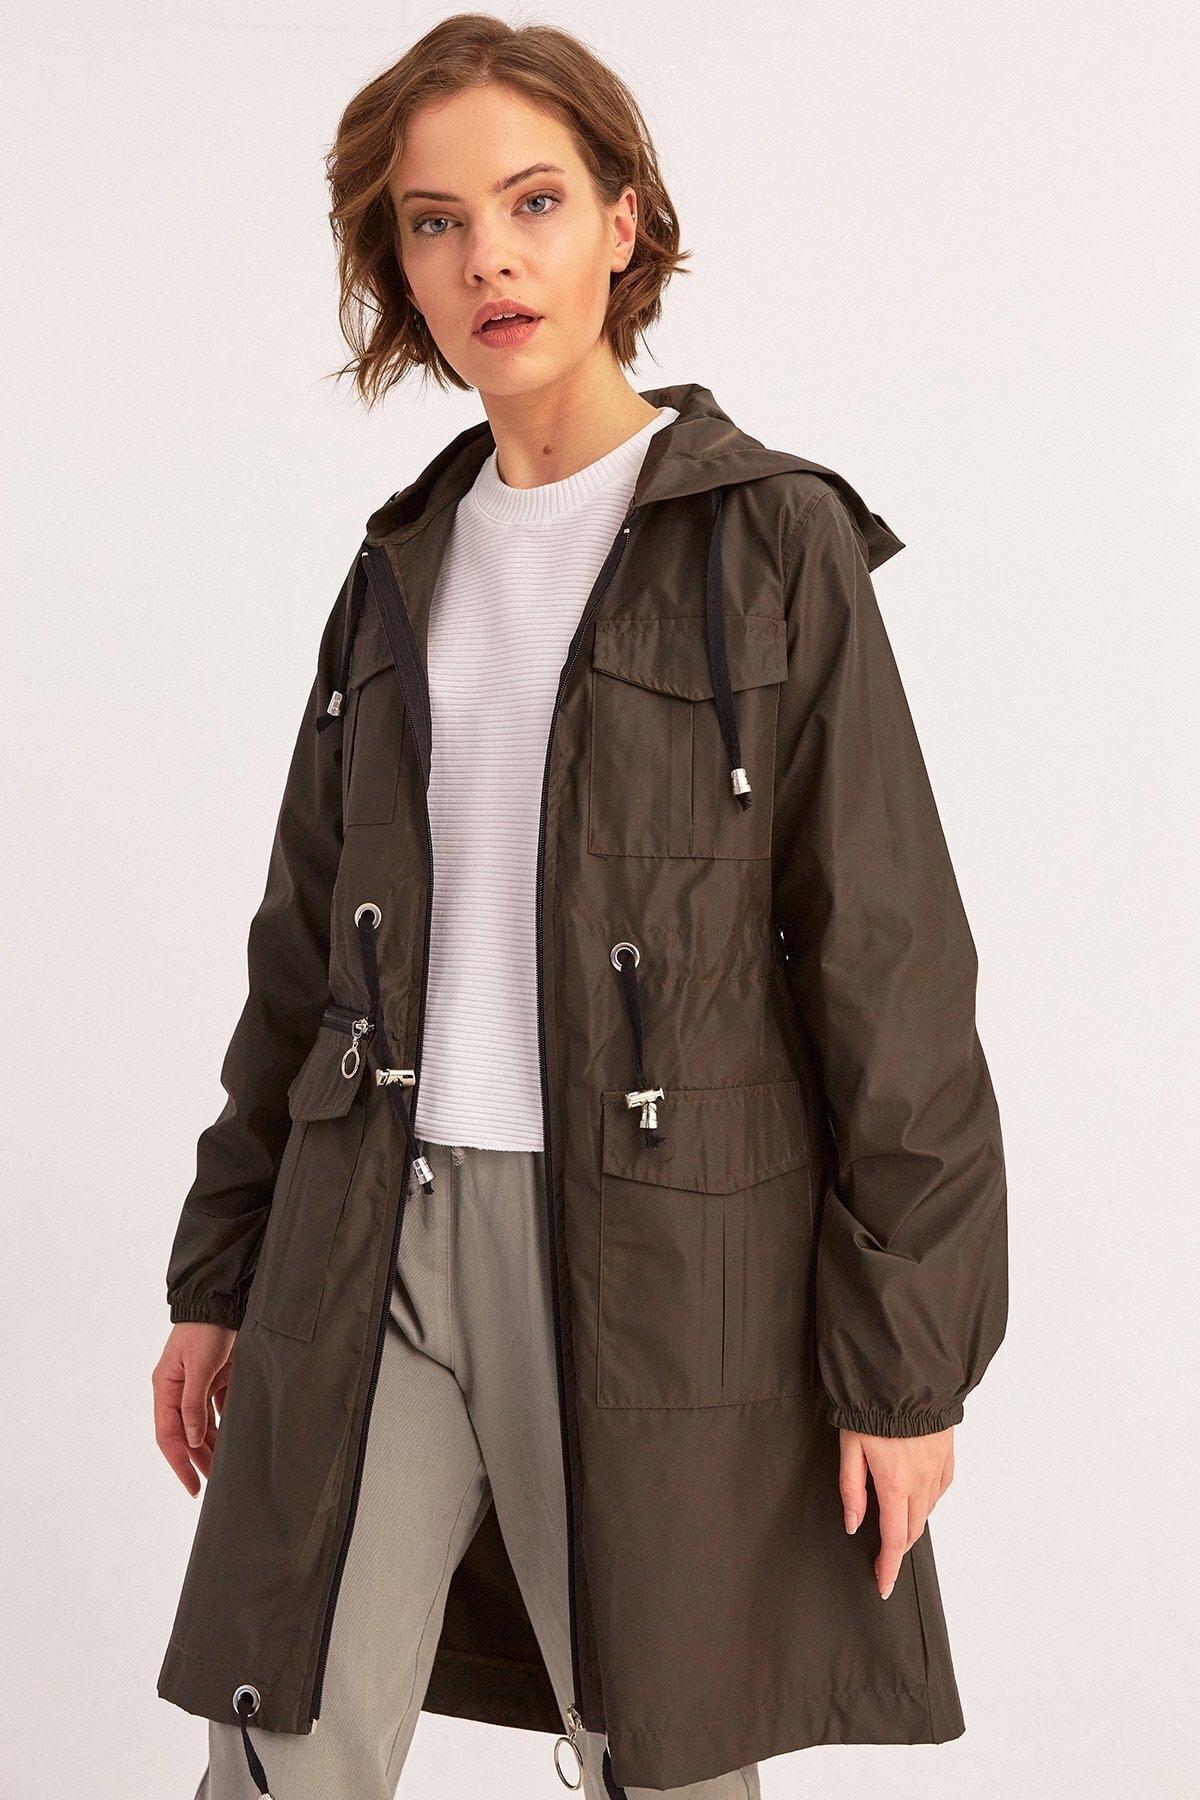 Fulla Moda Arkası Baskılı Kapüşonlu Yağmurluk 1